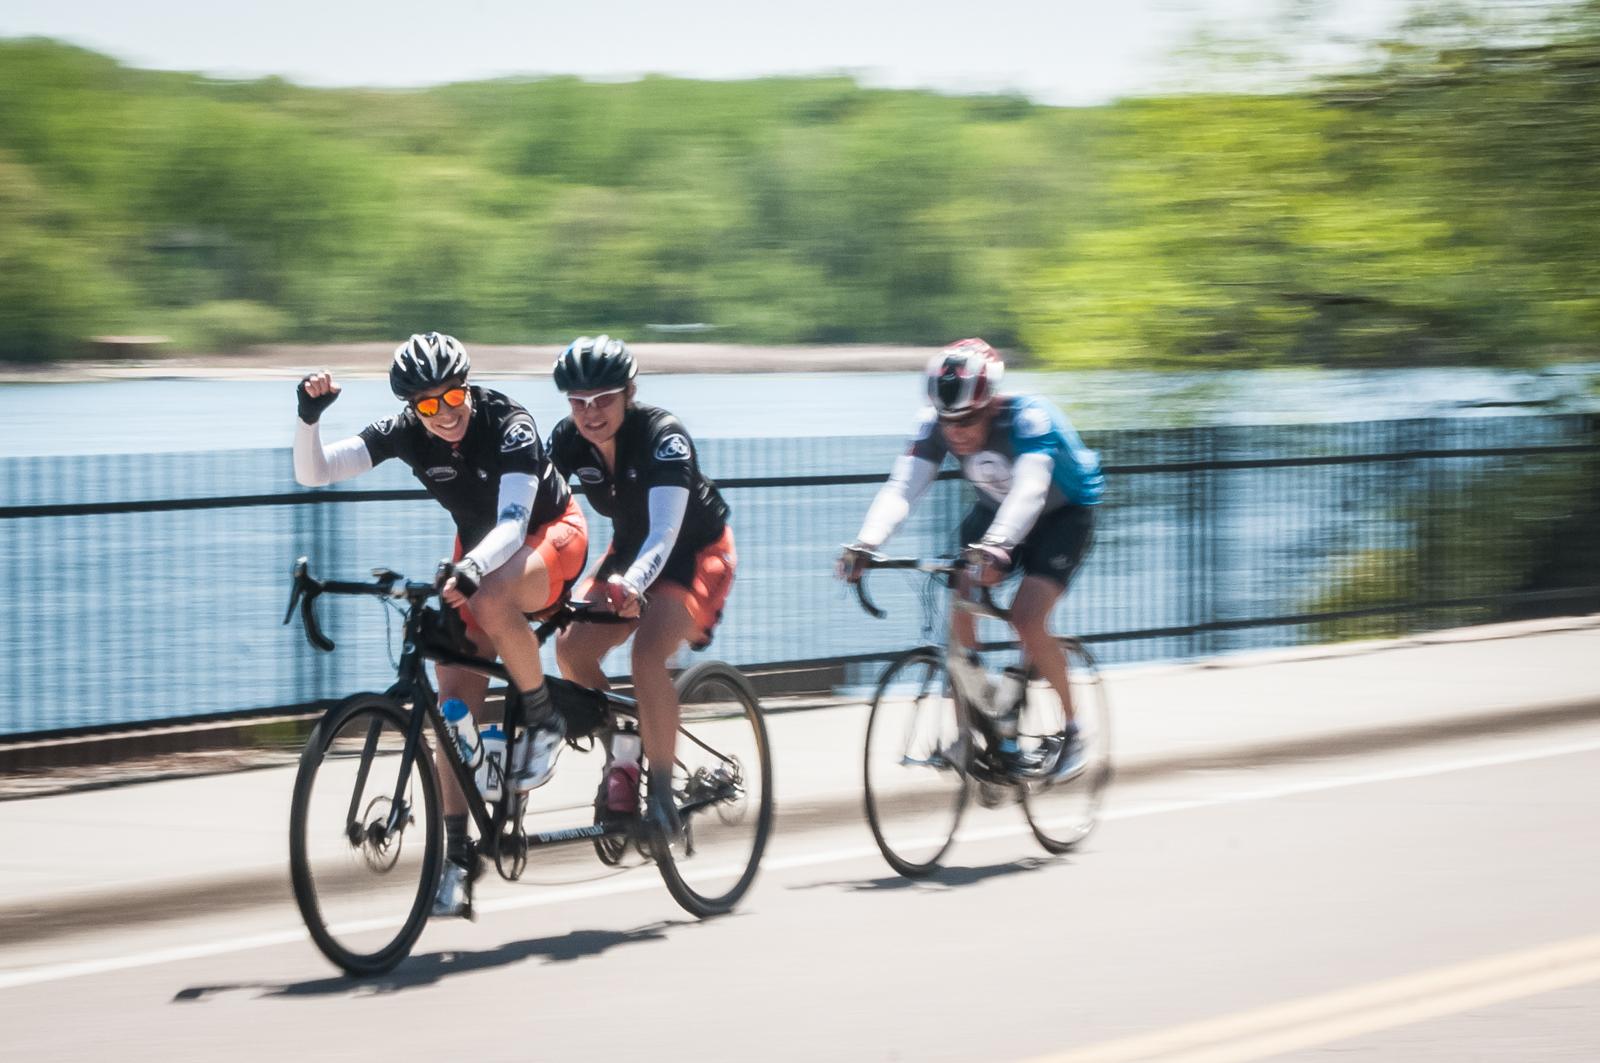 RidePage_Carousel_photos-1.jpg